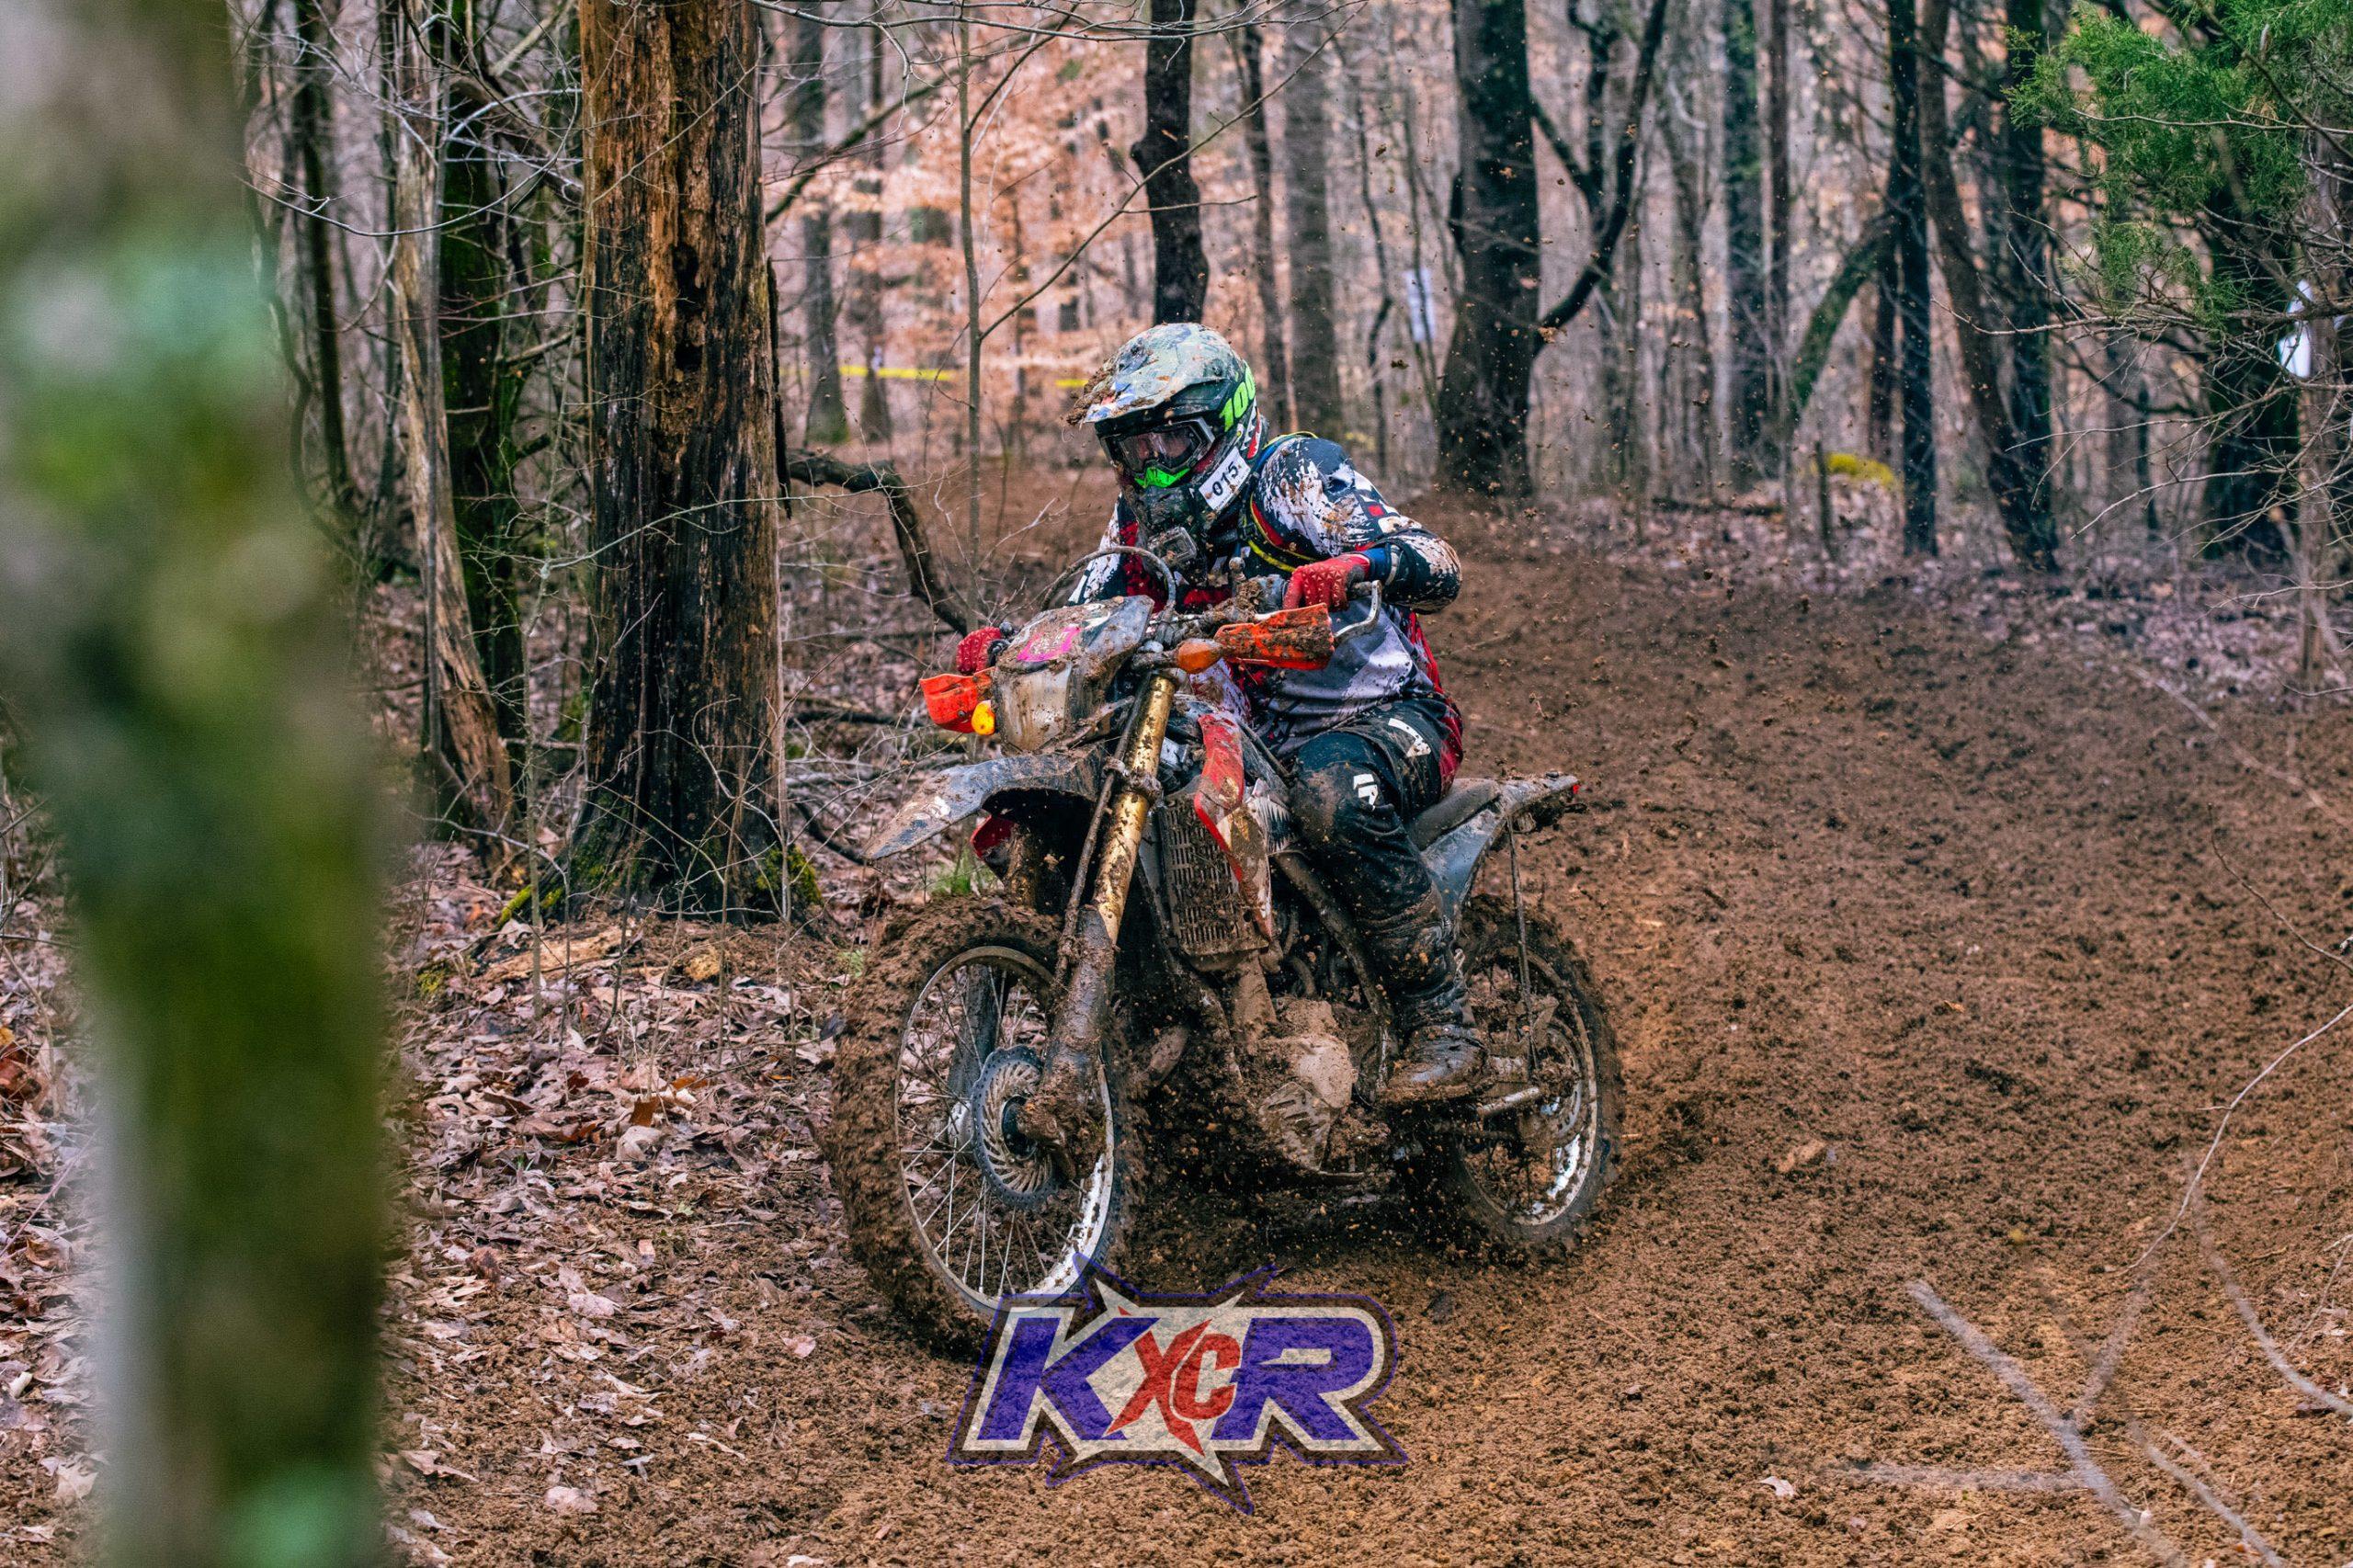 KXCR CRF250L MotoADVR